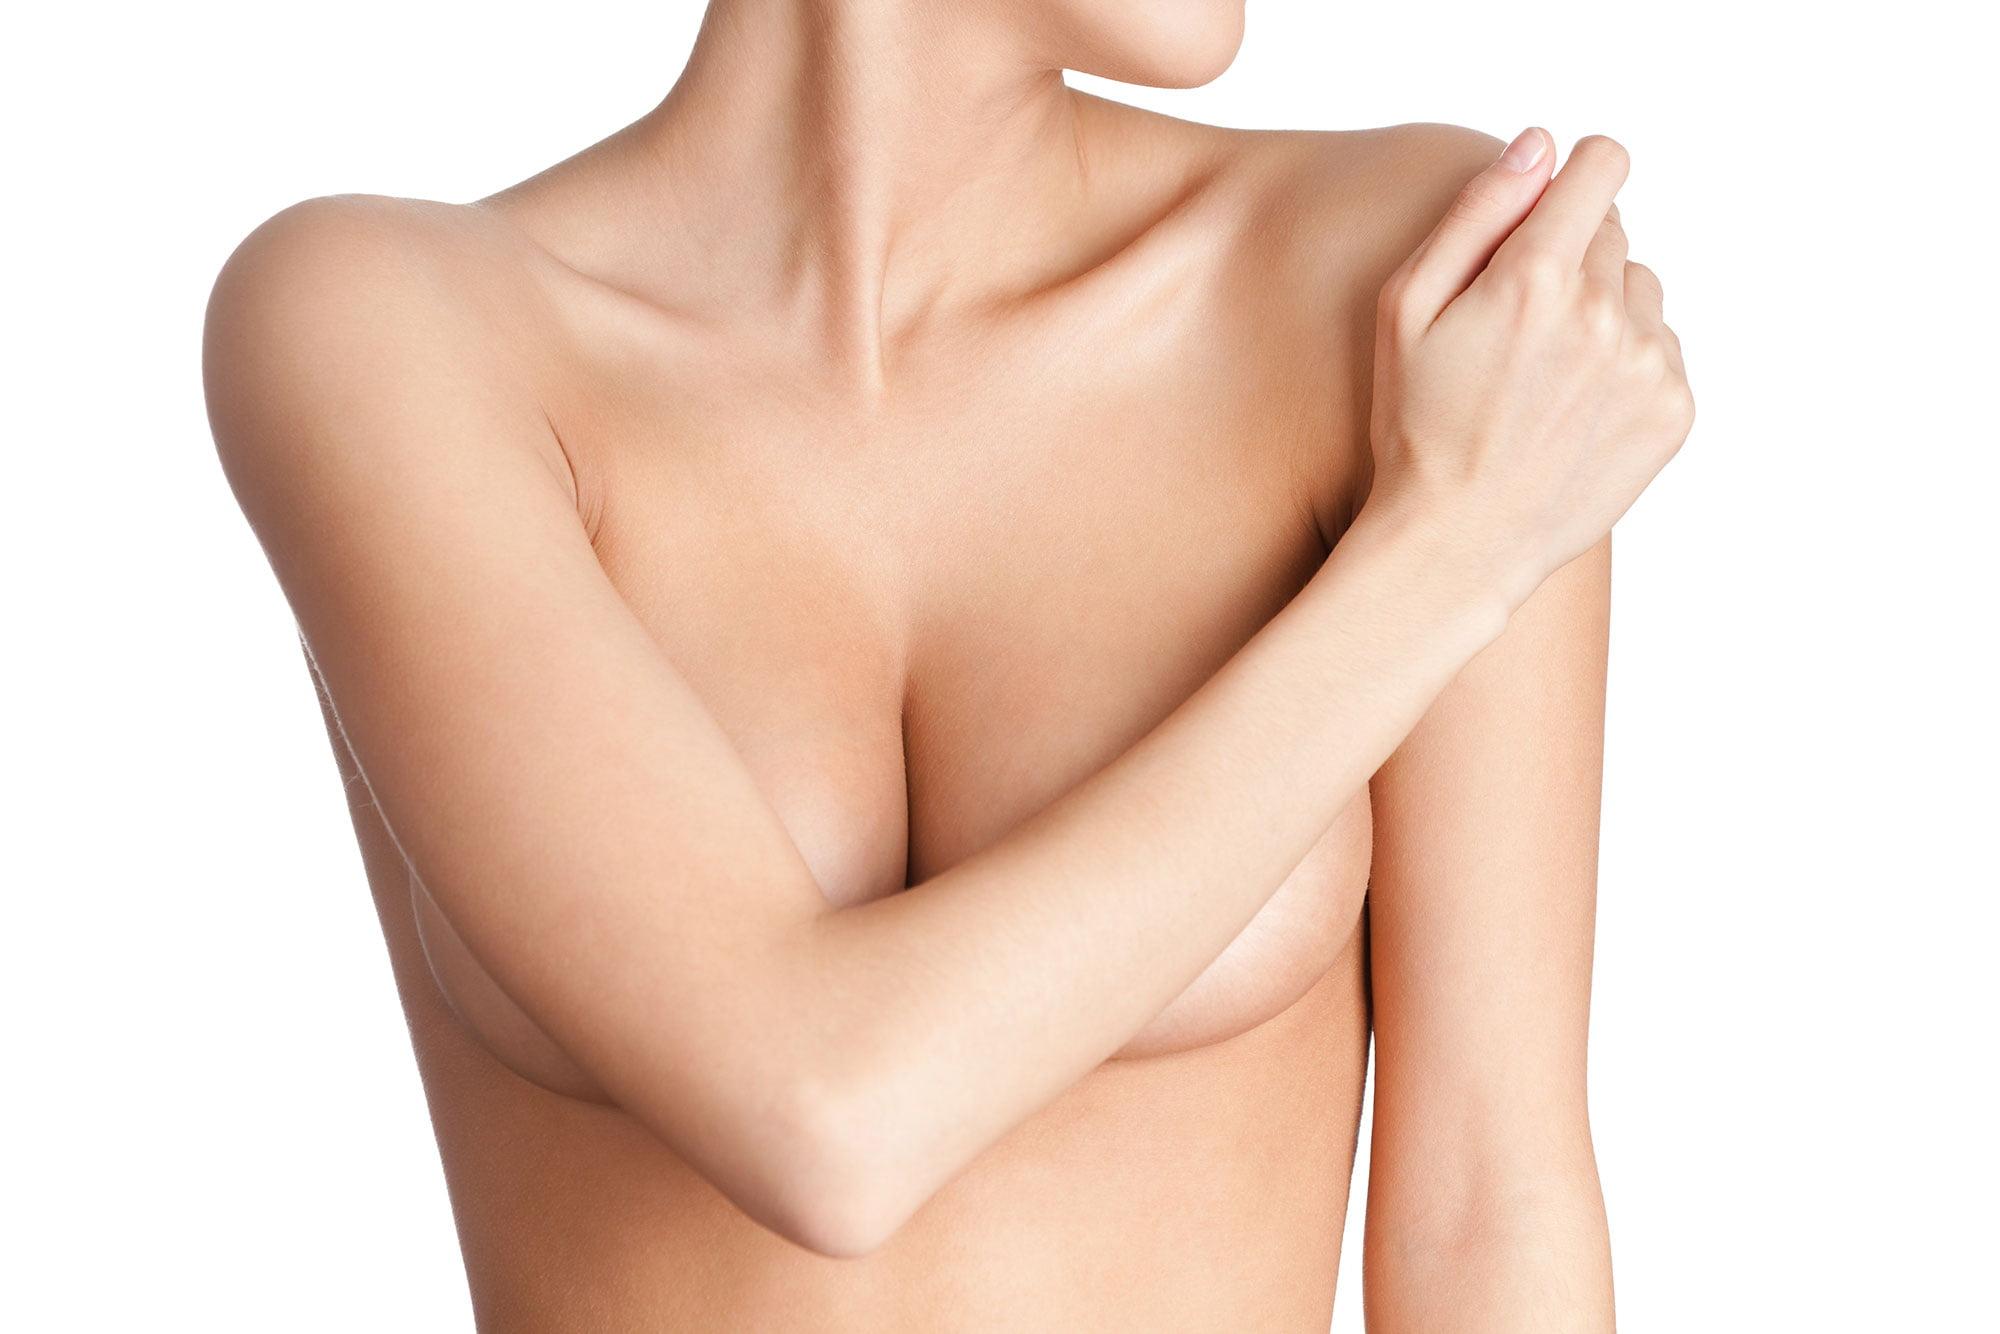 relâchement des seins